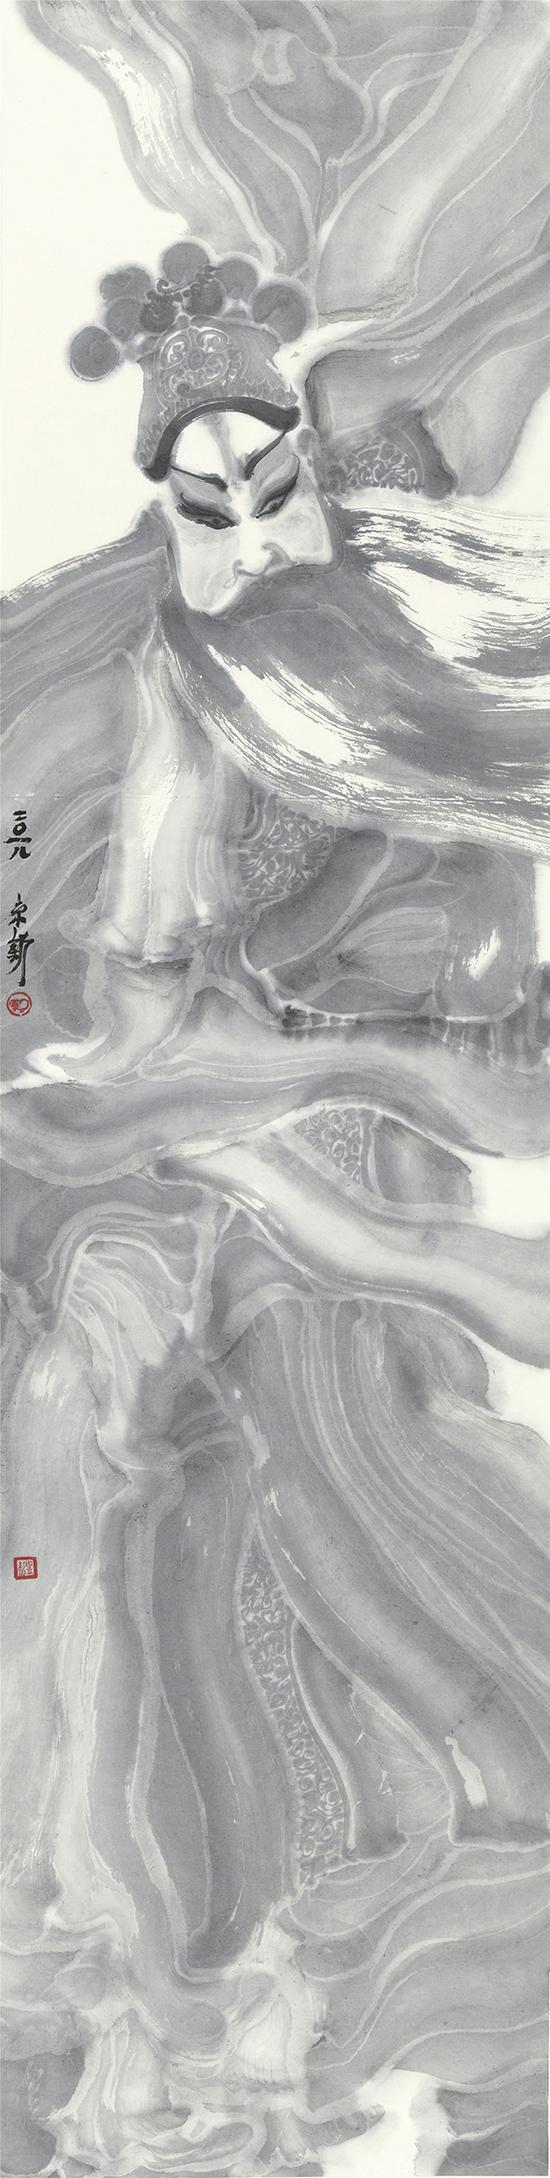 周京新 角色-14 137×35cm 纸本水墨 2018